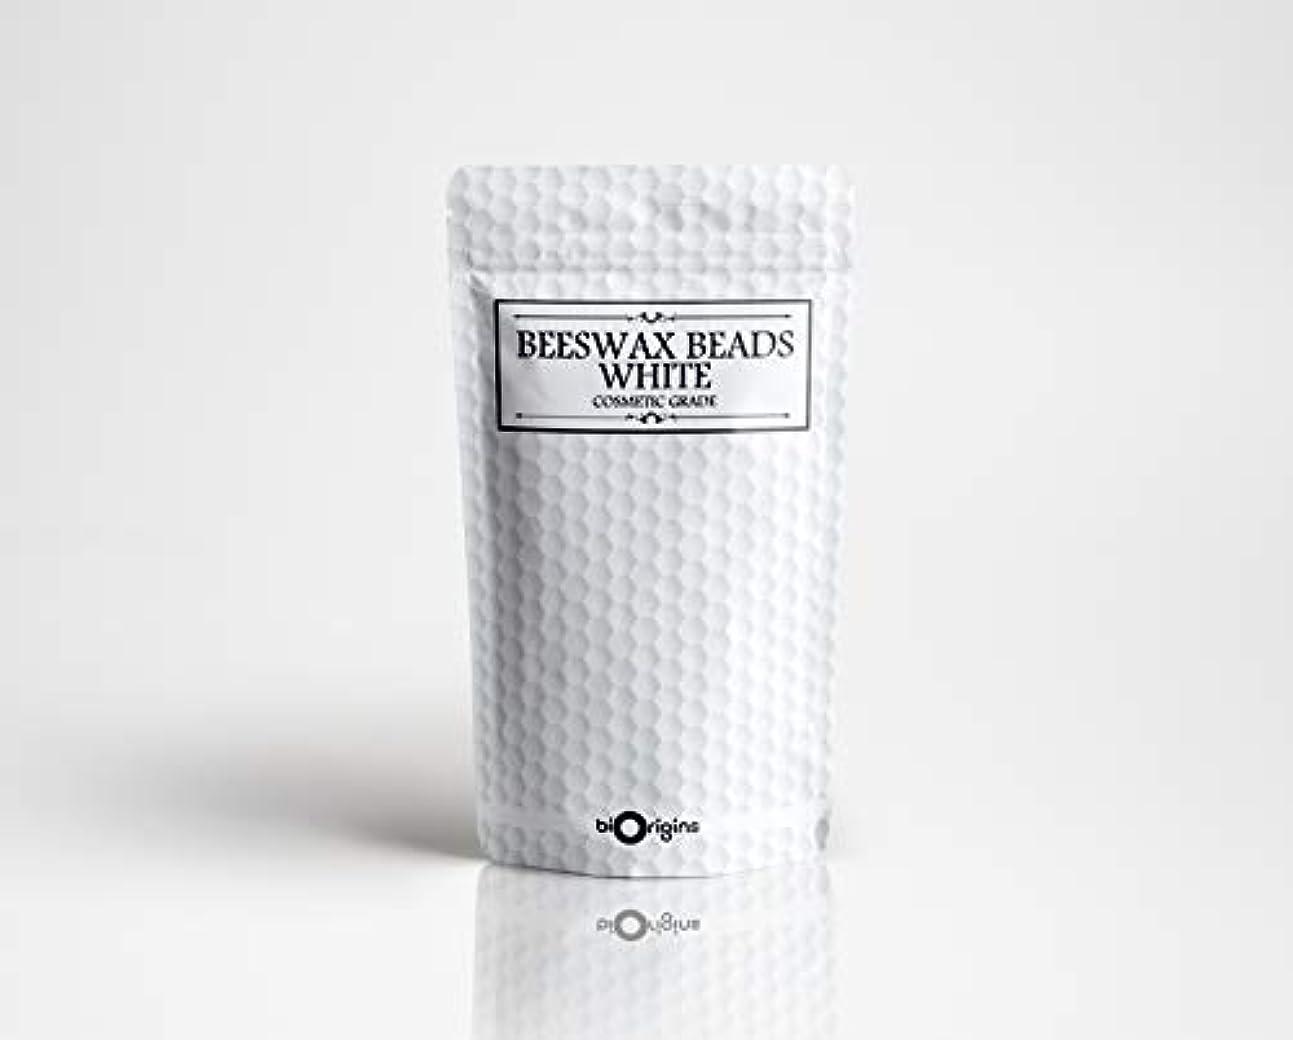 赤面慈悲叫び声Beeswax Beads White - Cosmetic Grade - 100g